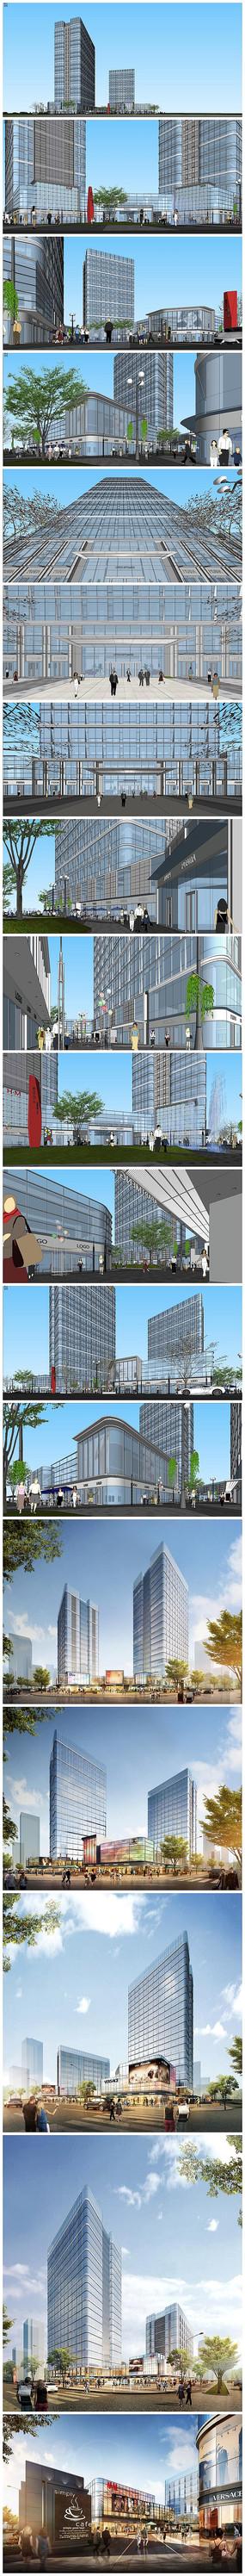 现代商业广场SU模型效果图